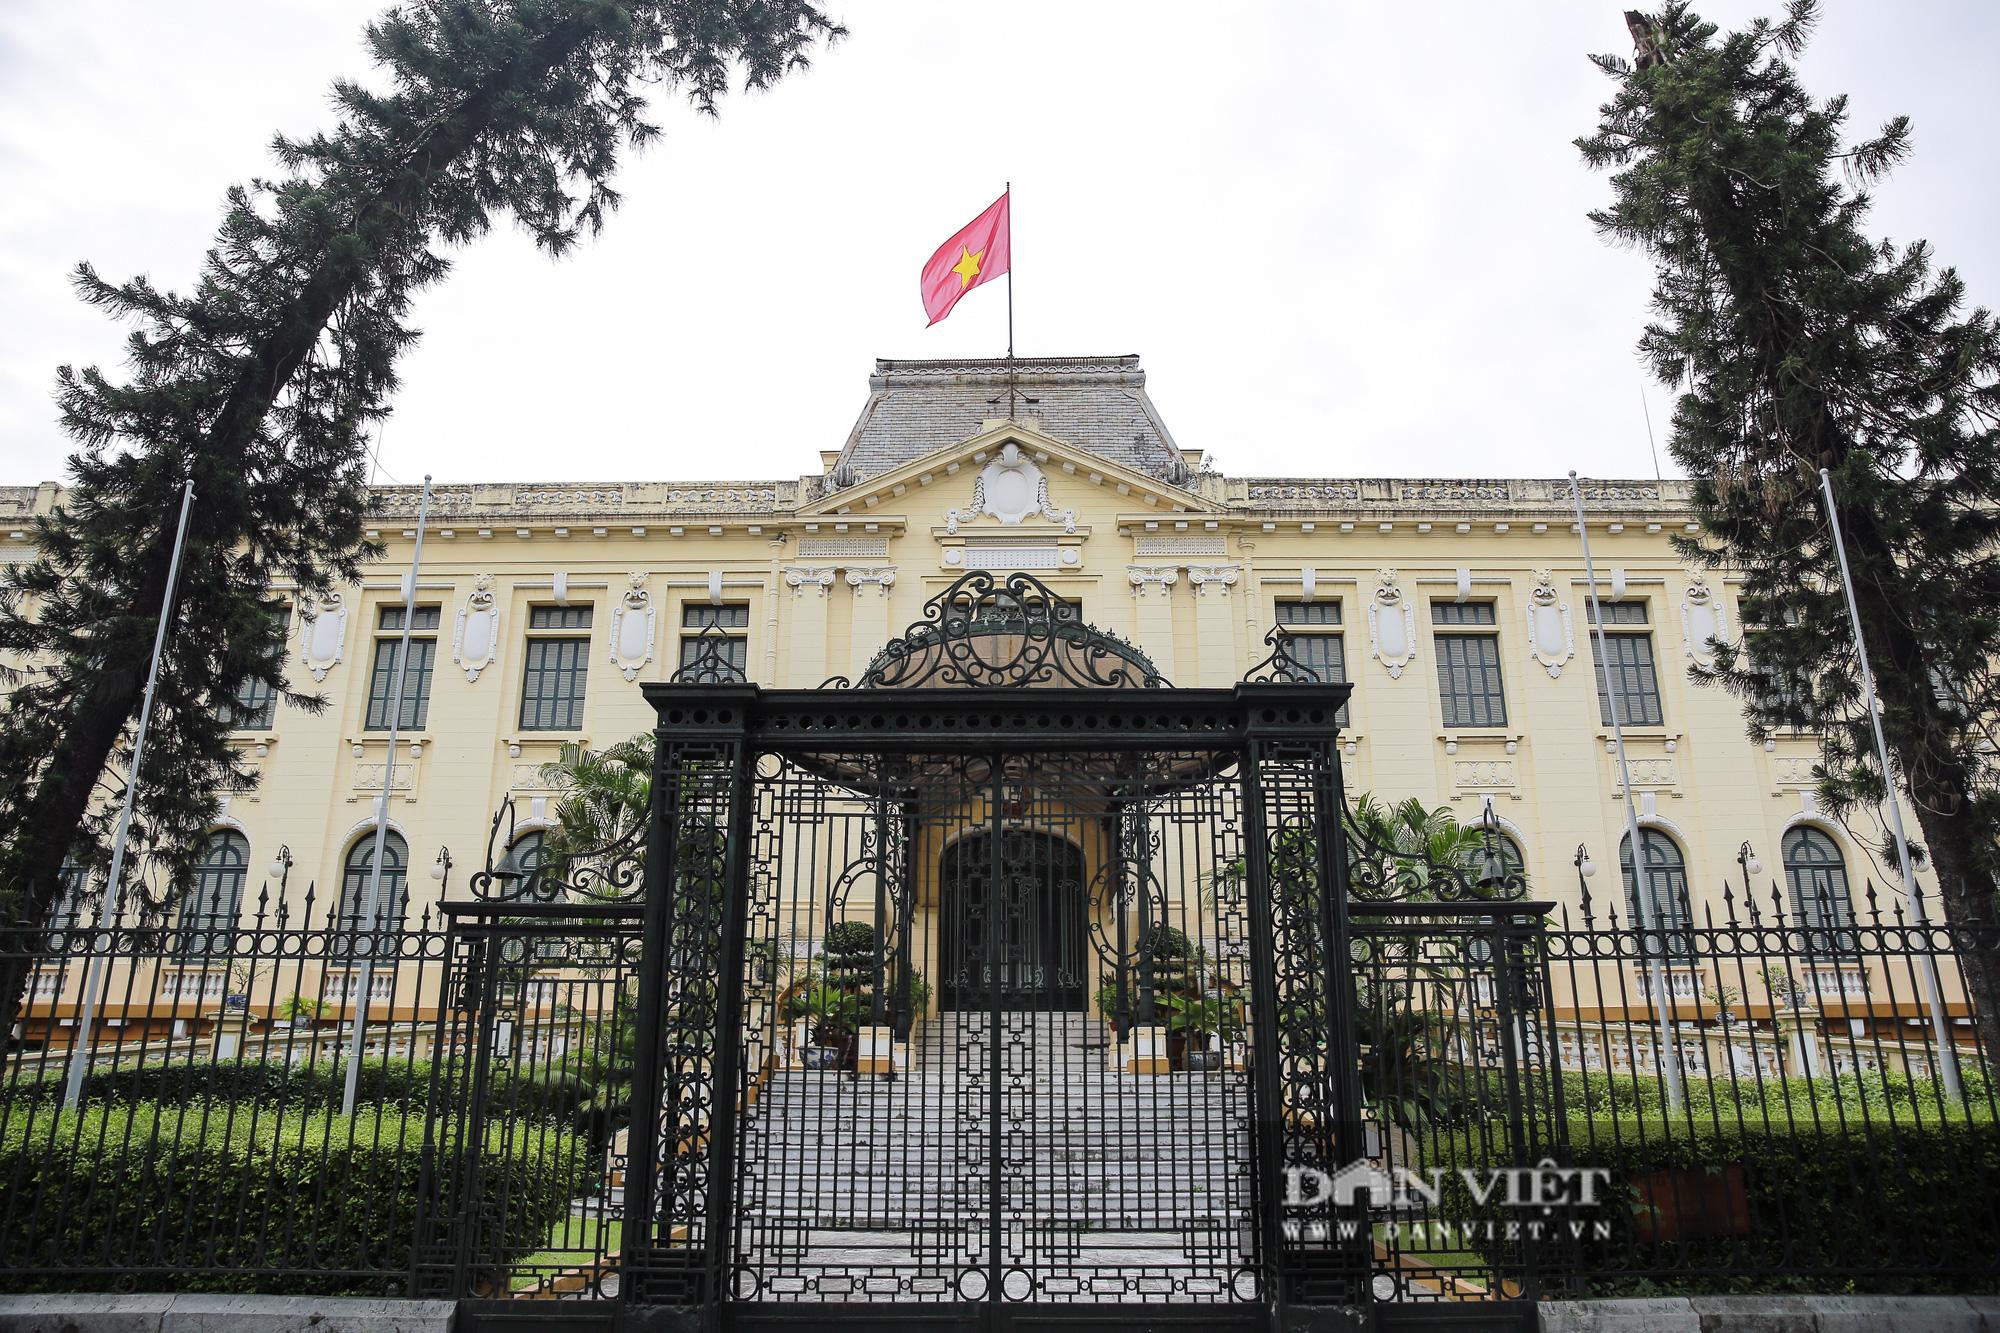 10 công trình kiến trúc Pháp cổ tuyệt đẹp tại Hà Nội - Ảnh 8.